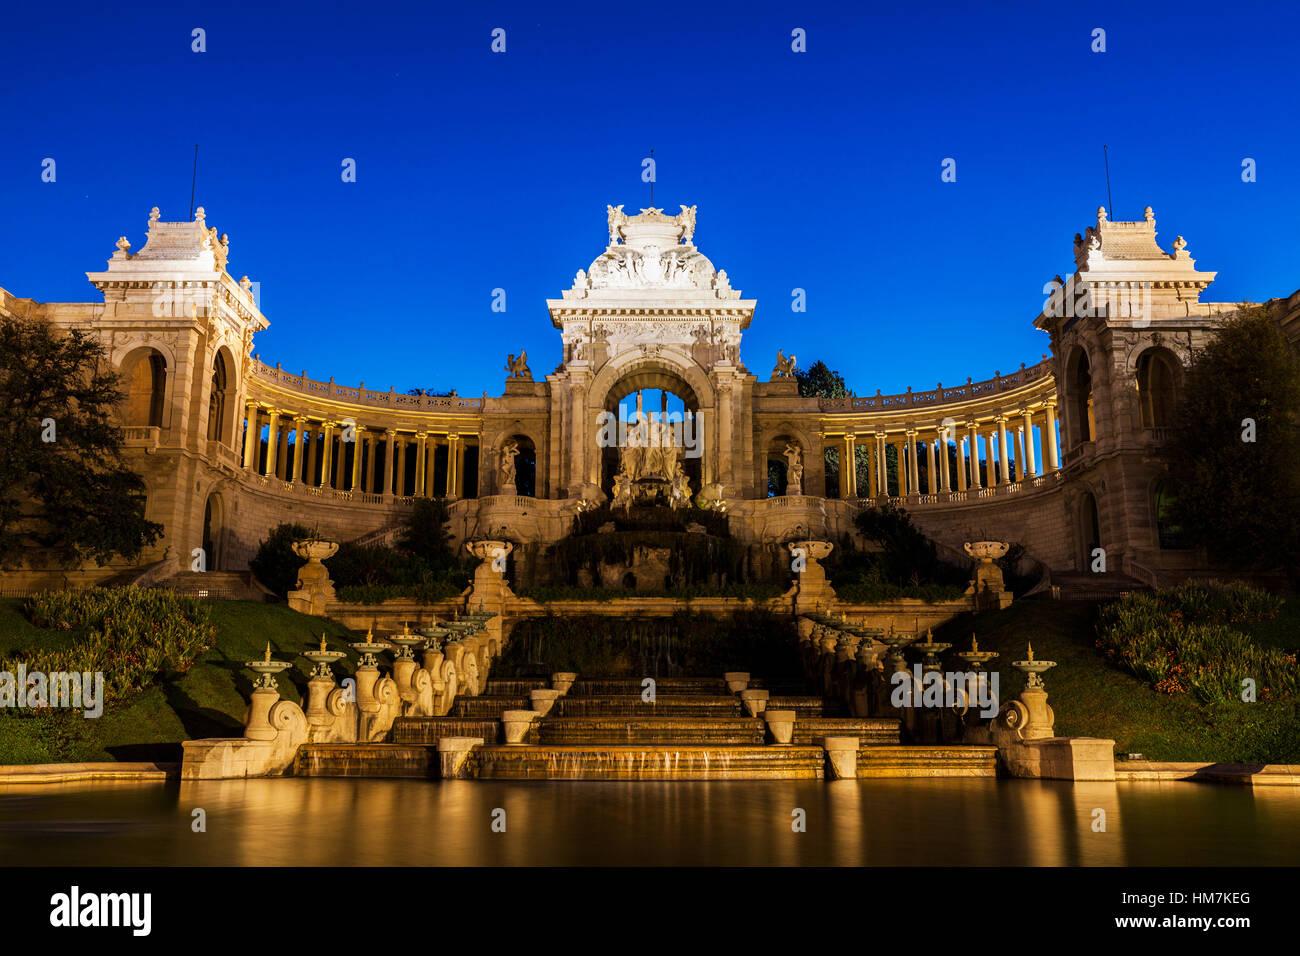 France, Provence-Alpes-Cote d'Azur, Marseille, Palais Longchamp Monument - Stock Image